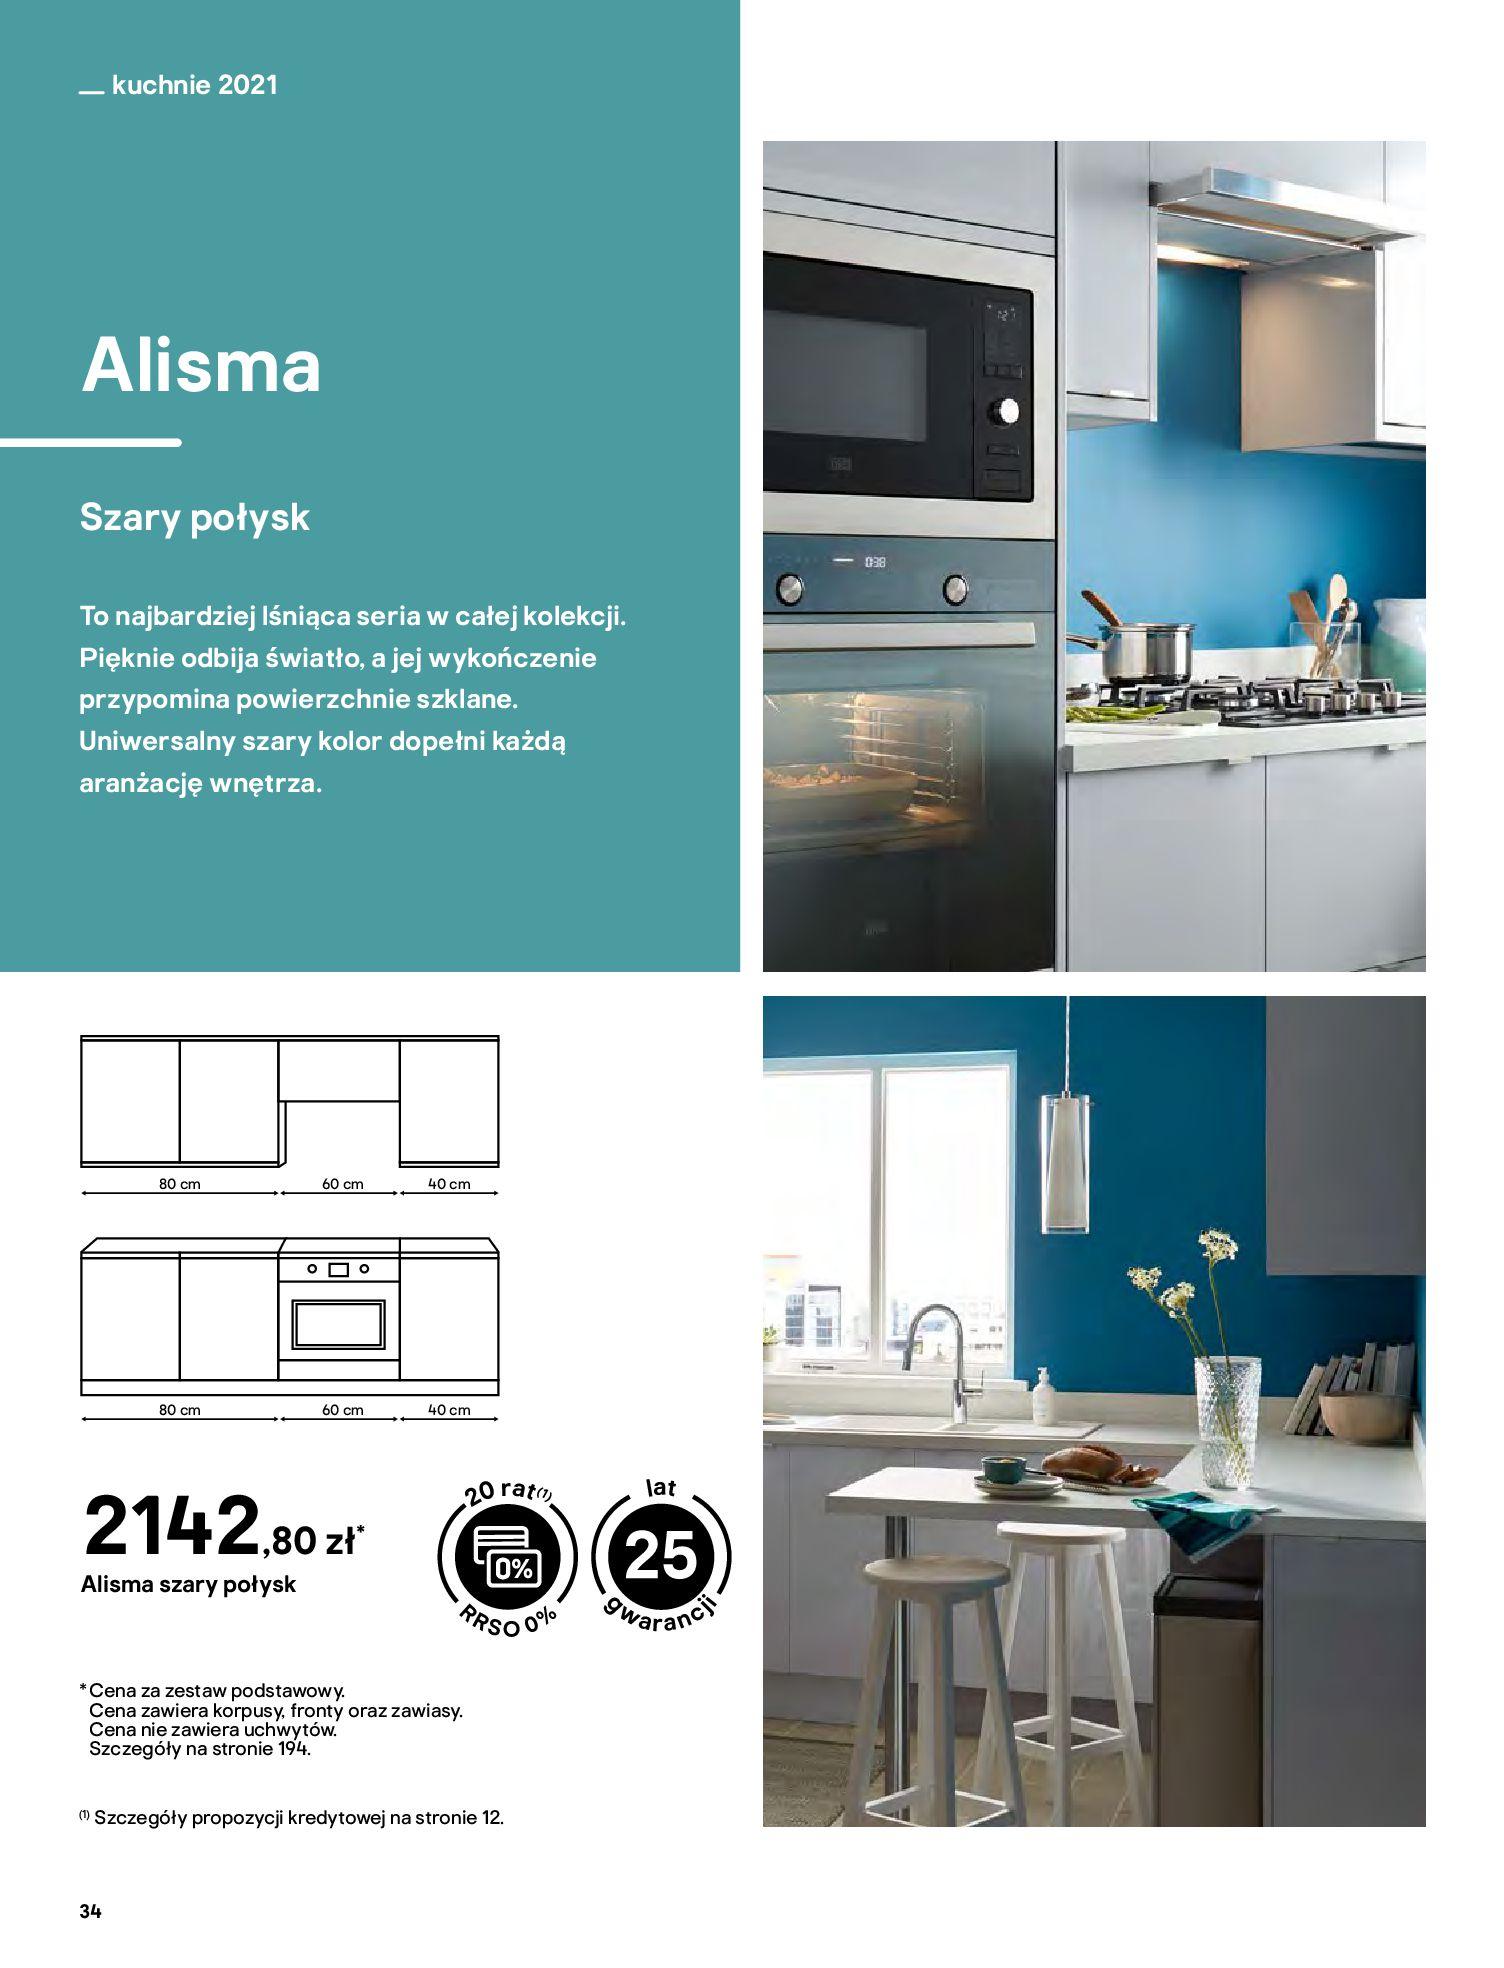 Gazetka Castorama: Katalog kuchnie 2021 2021-05-04 page-34